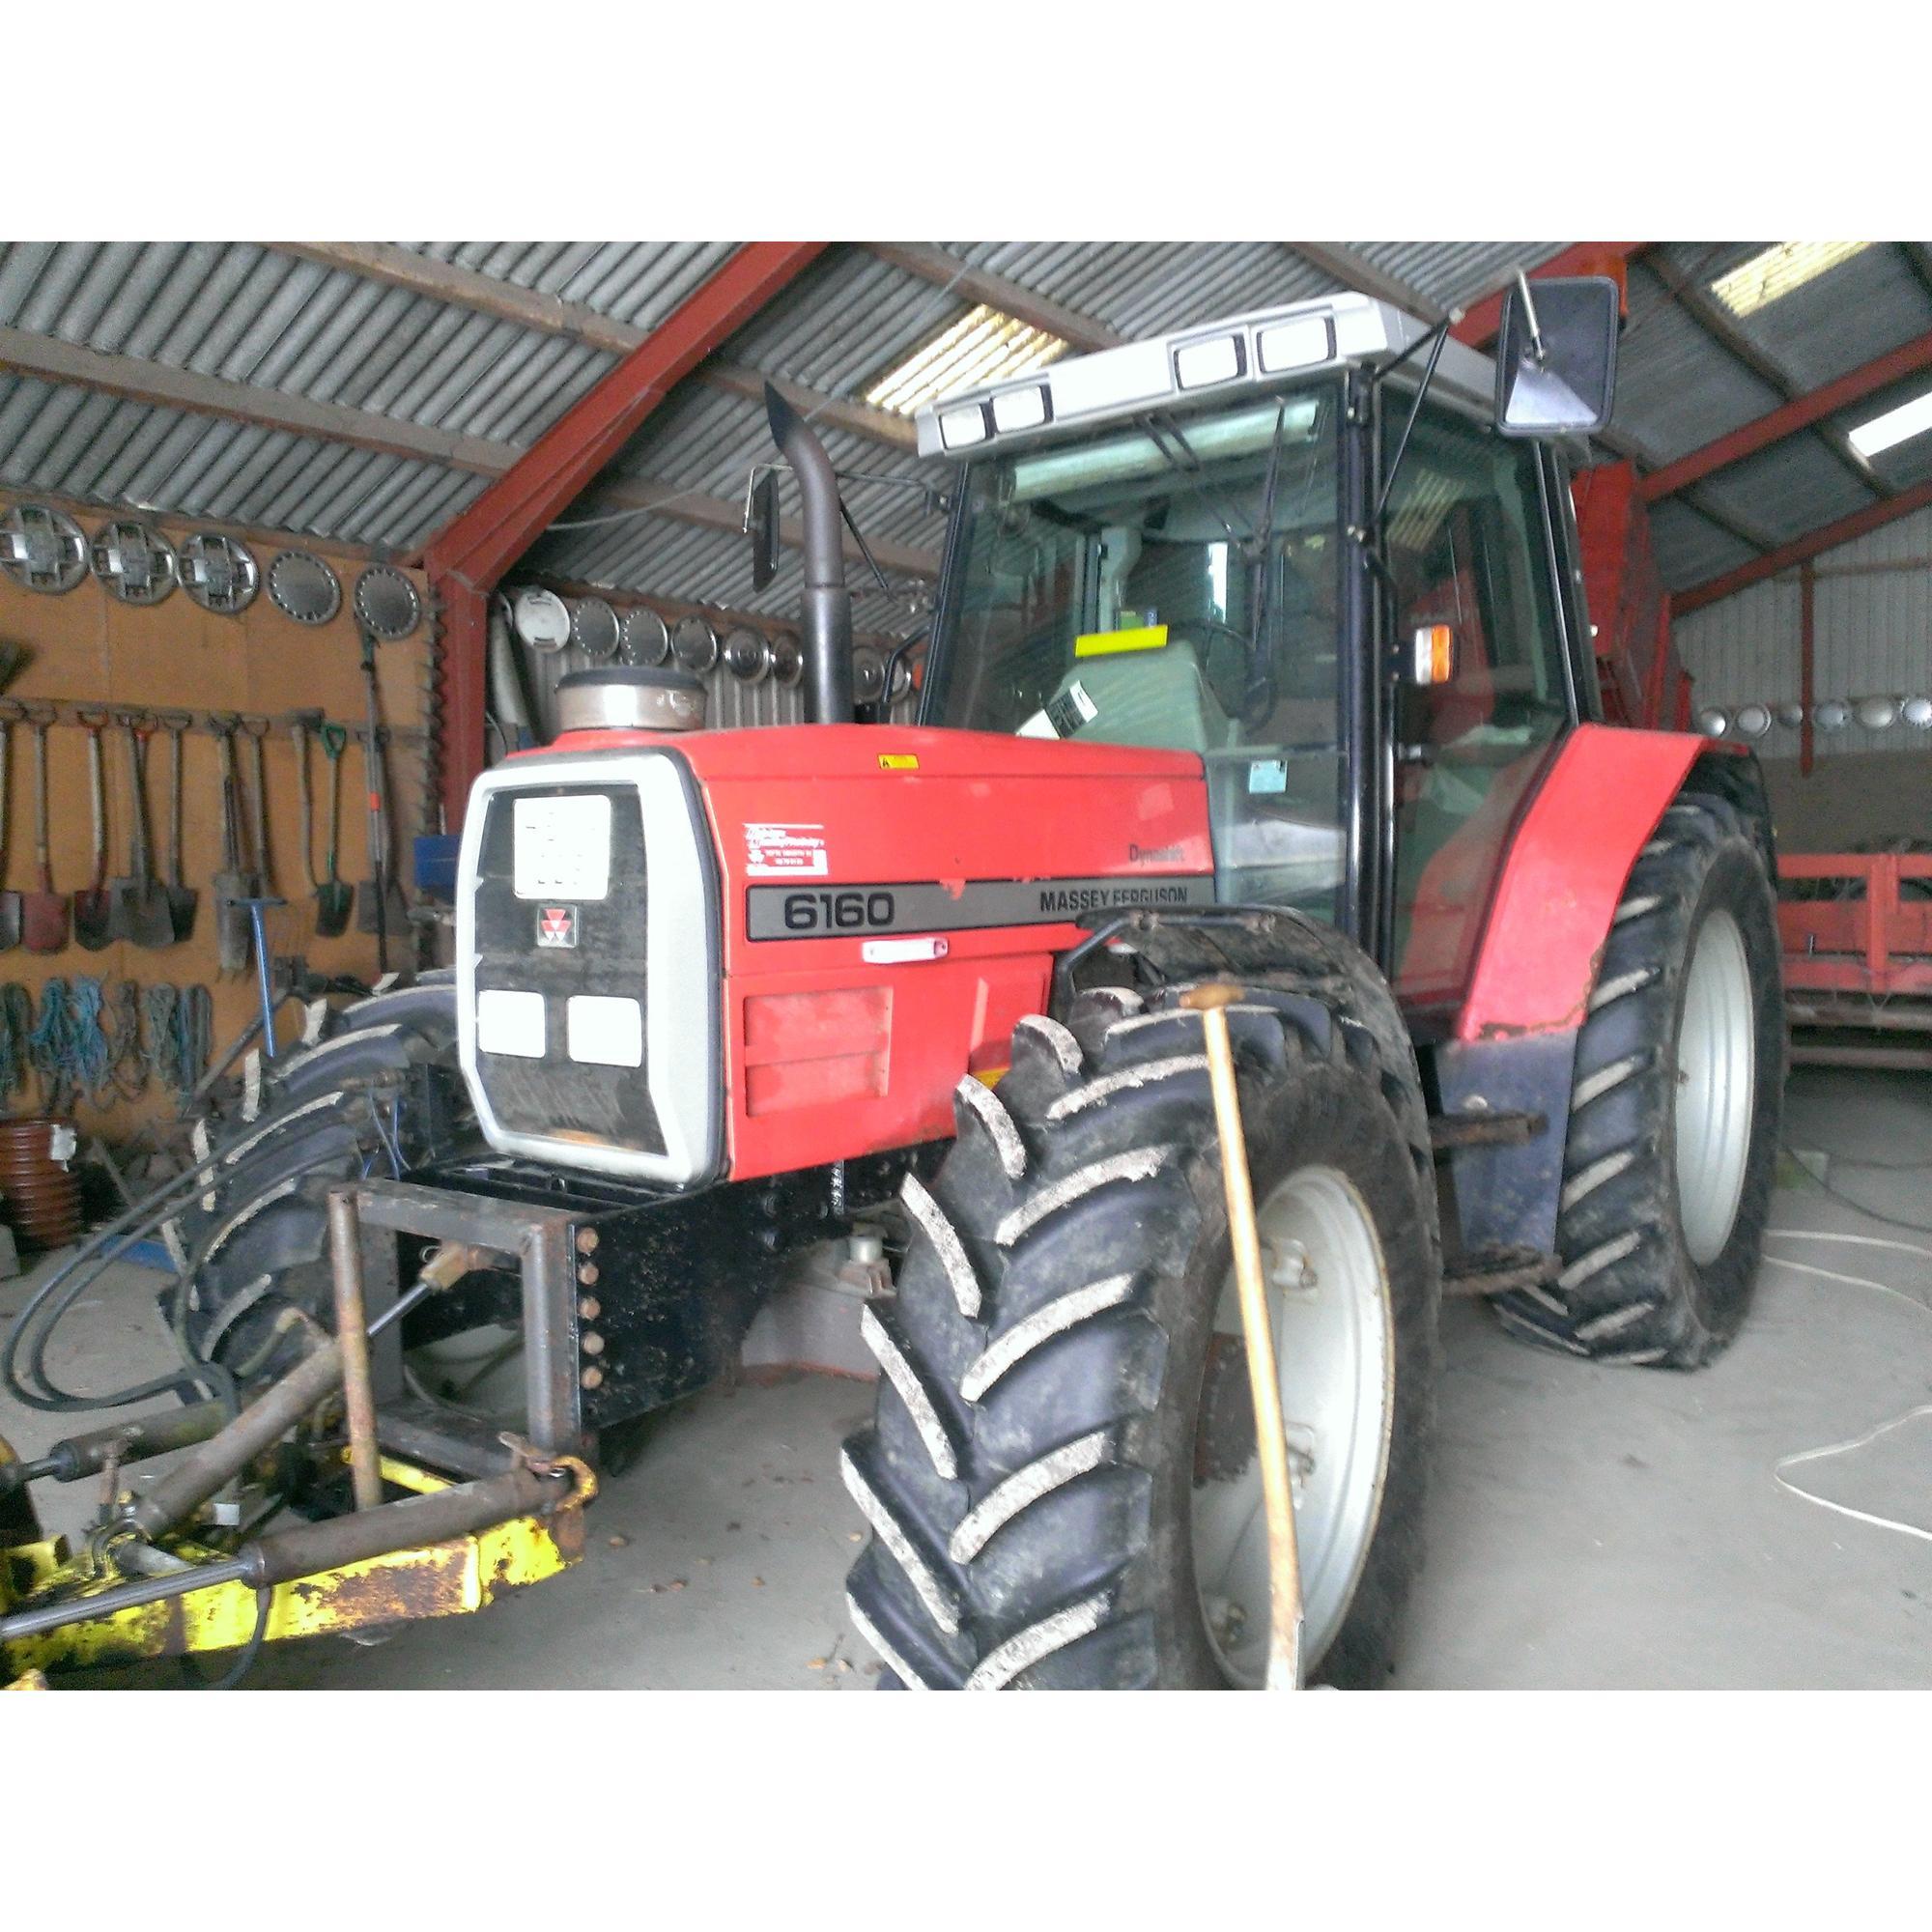 Massey Ferguson 6160 dynashift - 1997 - rigtig lækker traktor, som ha